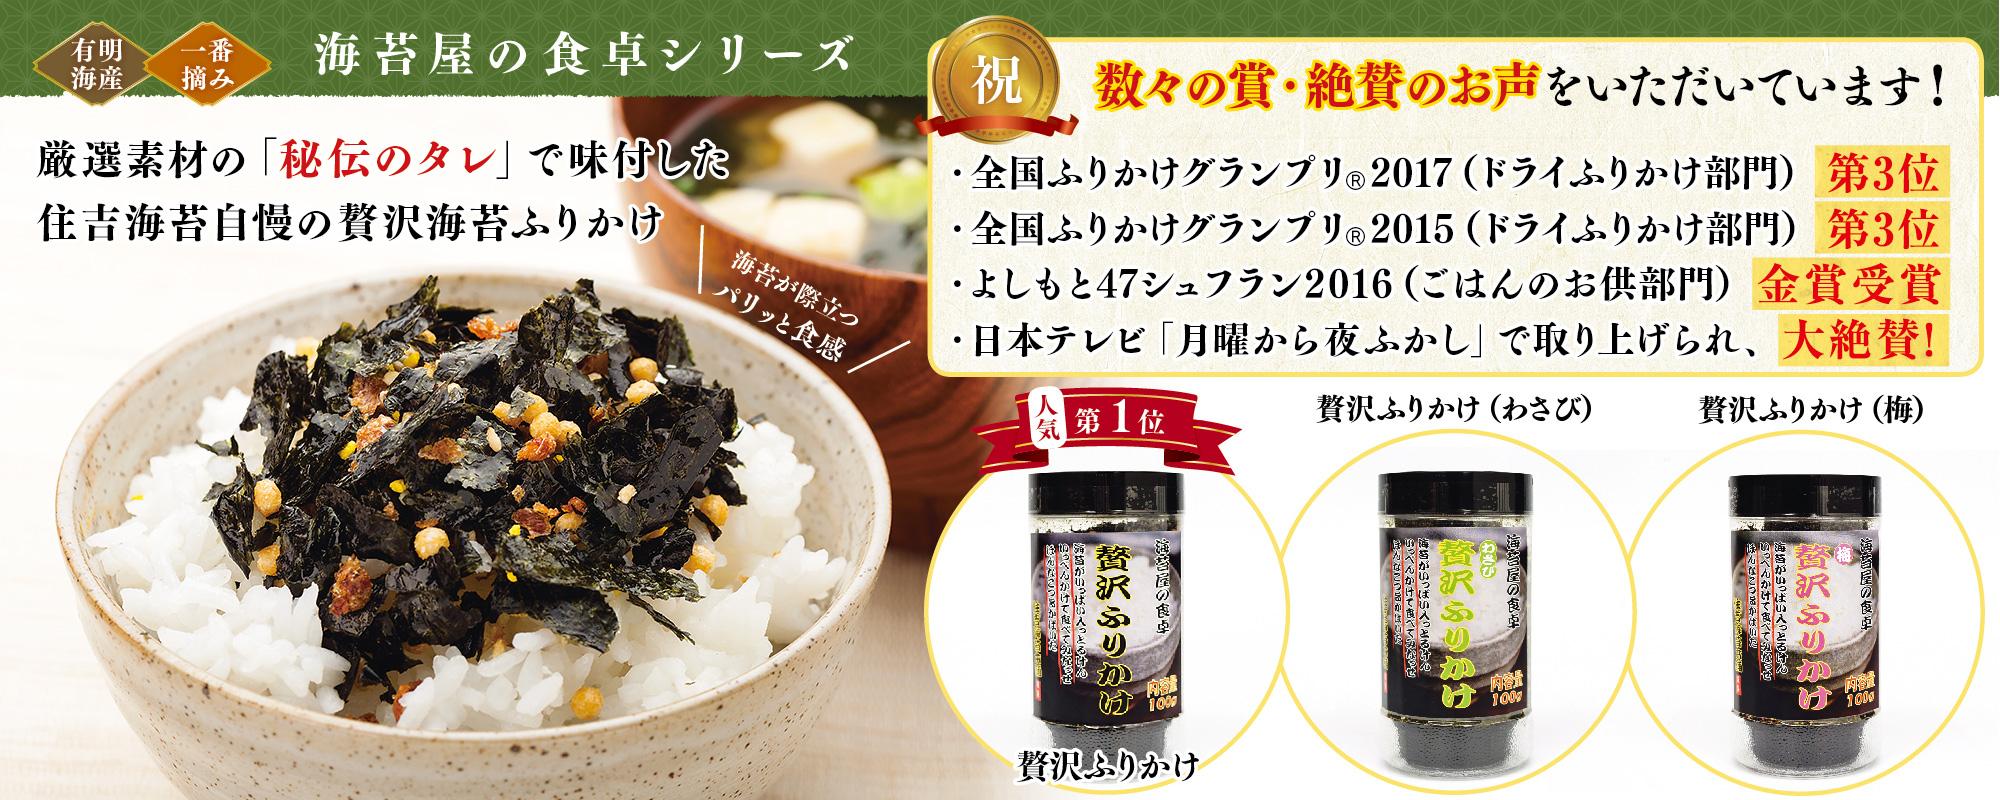 贅沢ふりかけ-海苔通販「住吉海苔本舗」公式サイト